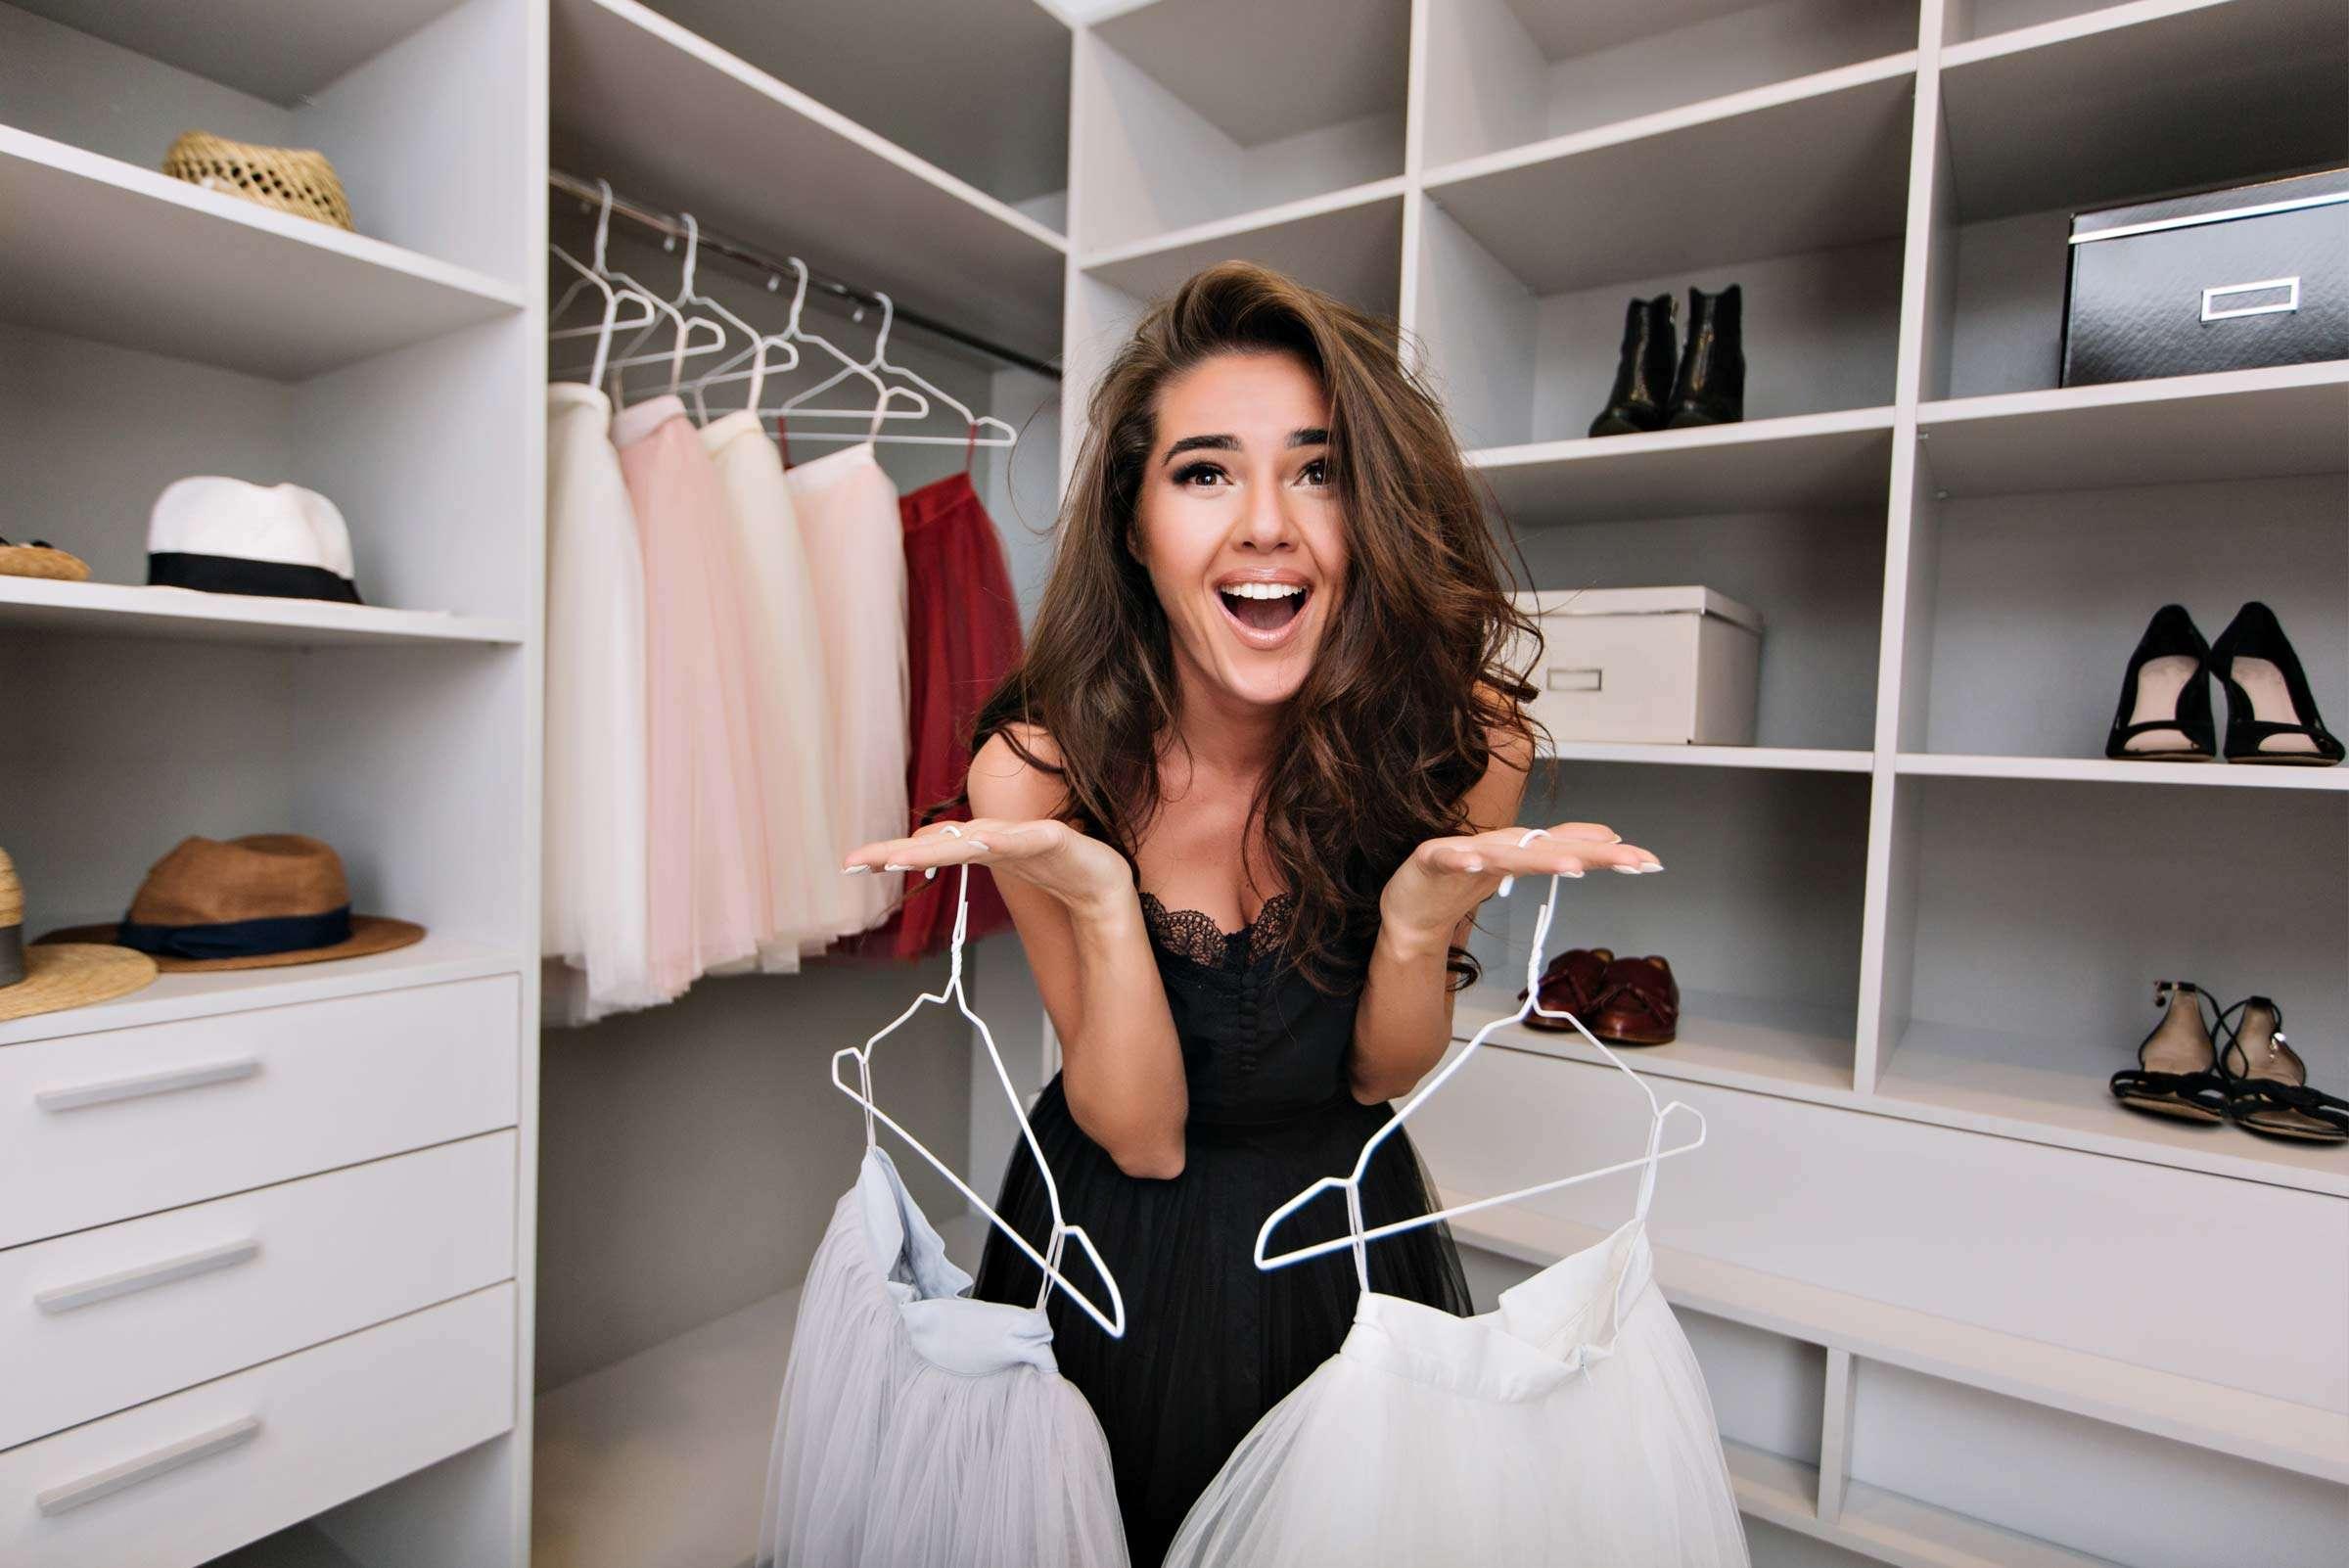 moda-ropa-ideas-closet-armario-imprescindible-actilife-actifemme